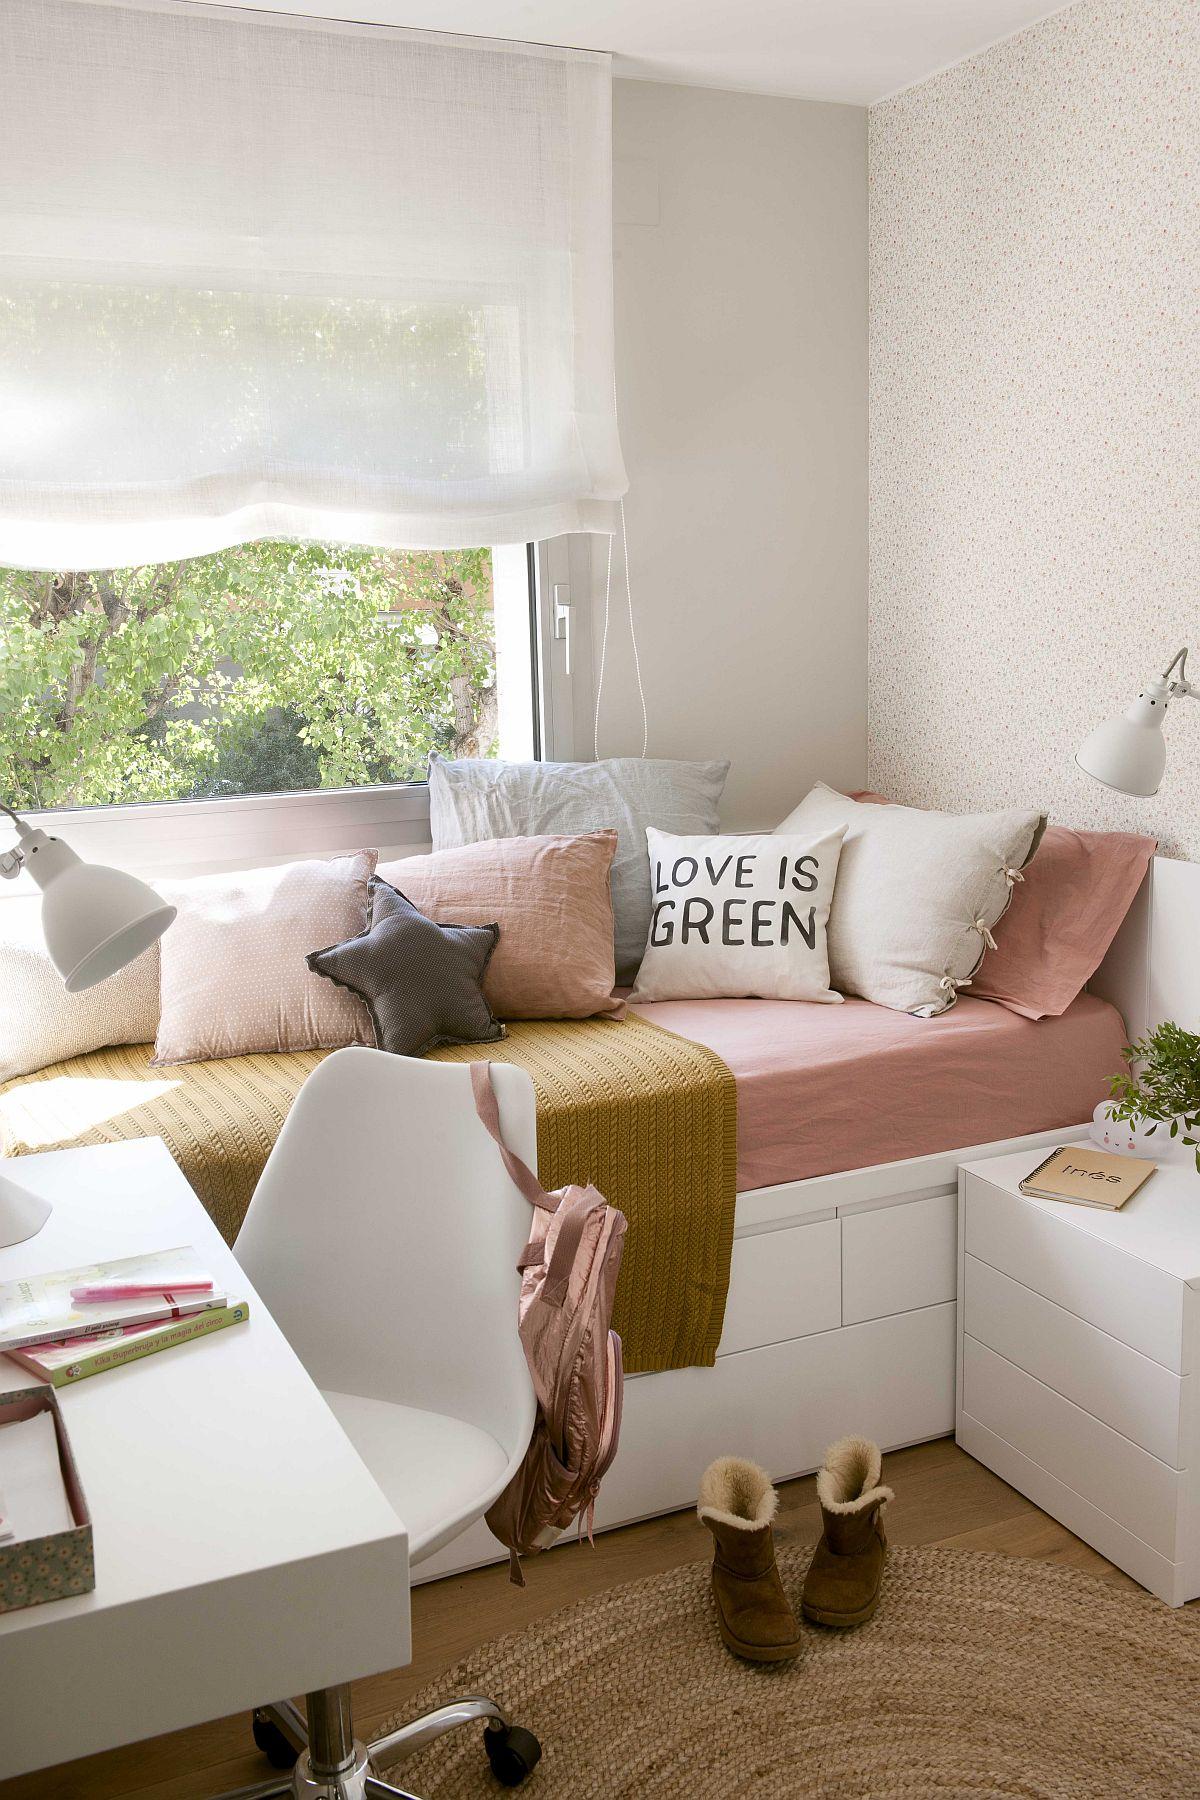 Camera copilului nu este foarte generoasă și a dat multe vătări de cap designerului pentru că pe lîngă depozitare a avut de inserat un birou și un extra loc de dormit pentru vizite ocazionale. Ca atare, designerul a prevăzut amplasarea patului pe lățimea camerei în dreptul ferestrei. Când locuința este termoizolată și beneficiază de tîmplărie termoizolantă, nu ai de ce să-ți faci griji pentru confortul termic.